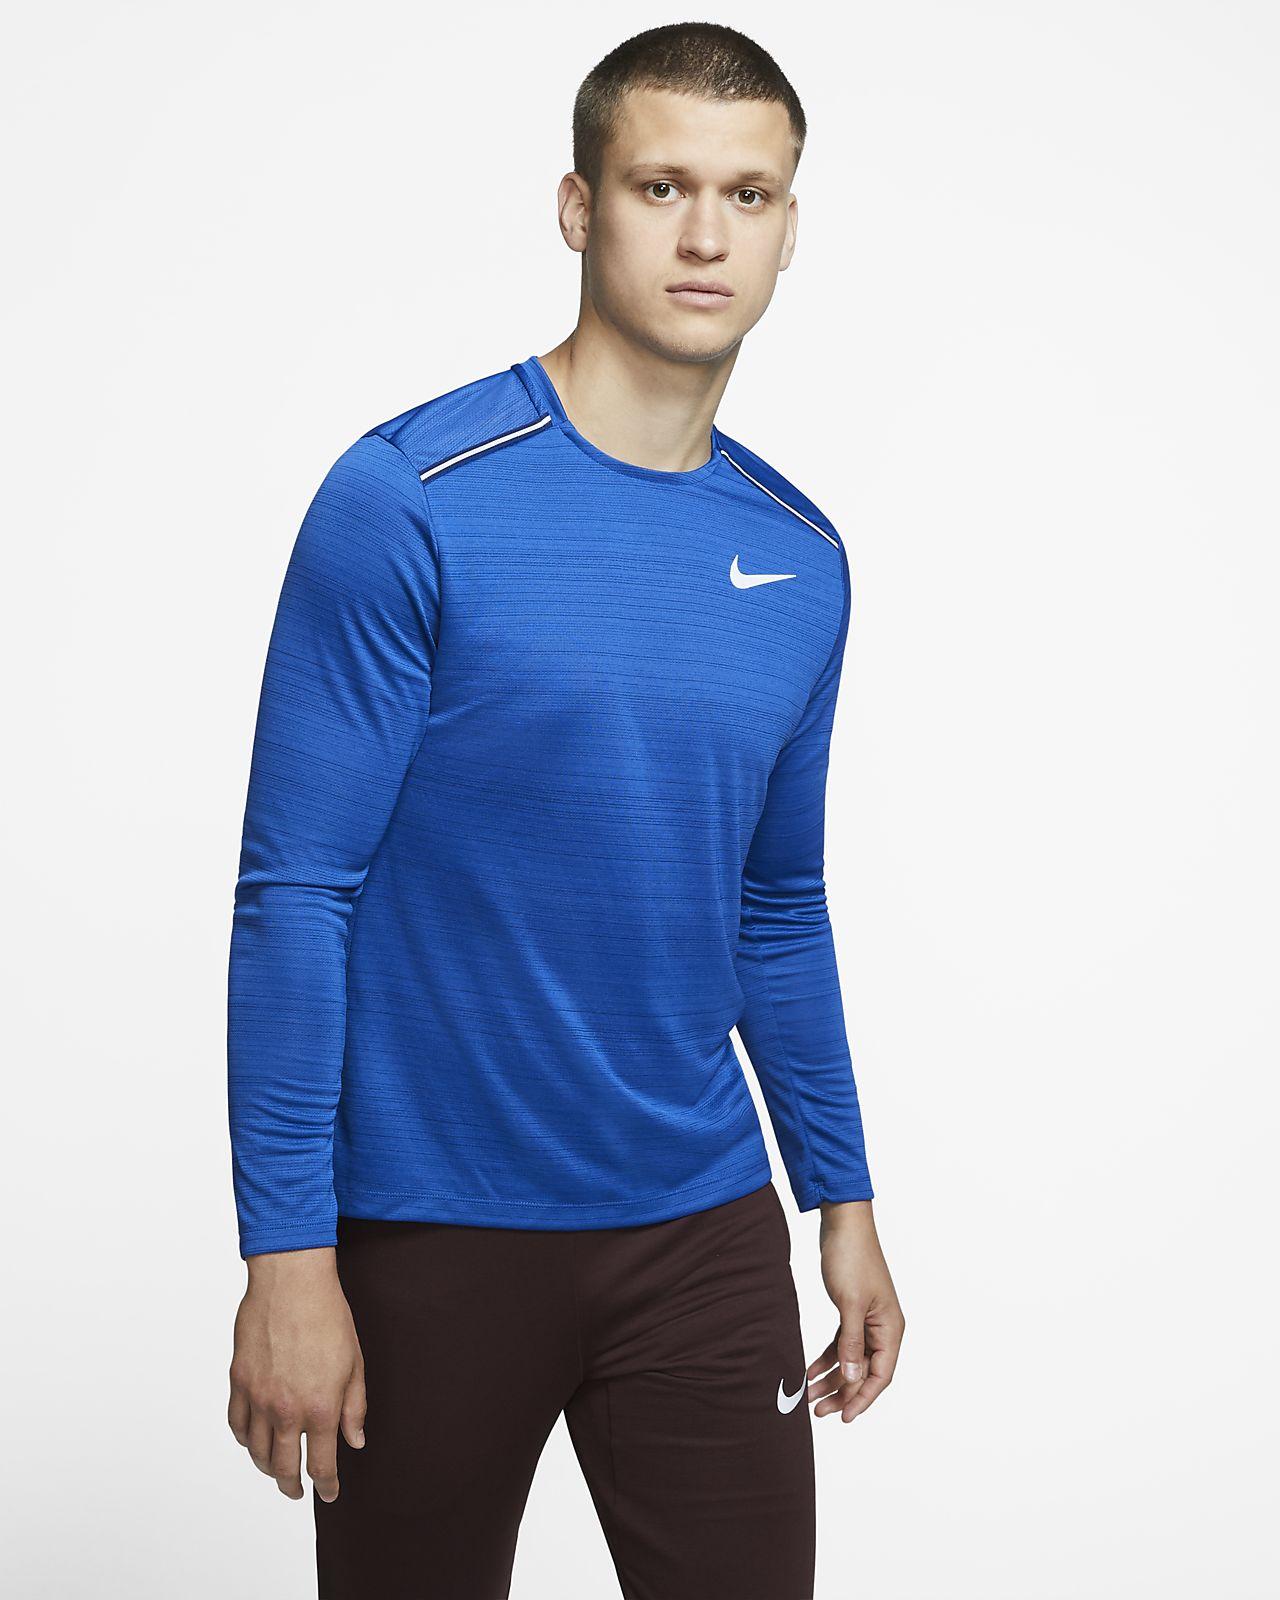 Męska koszulka z długim rękawem do biegania Nike Dri-FIT Miler